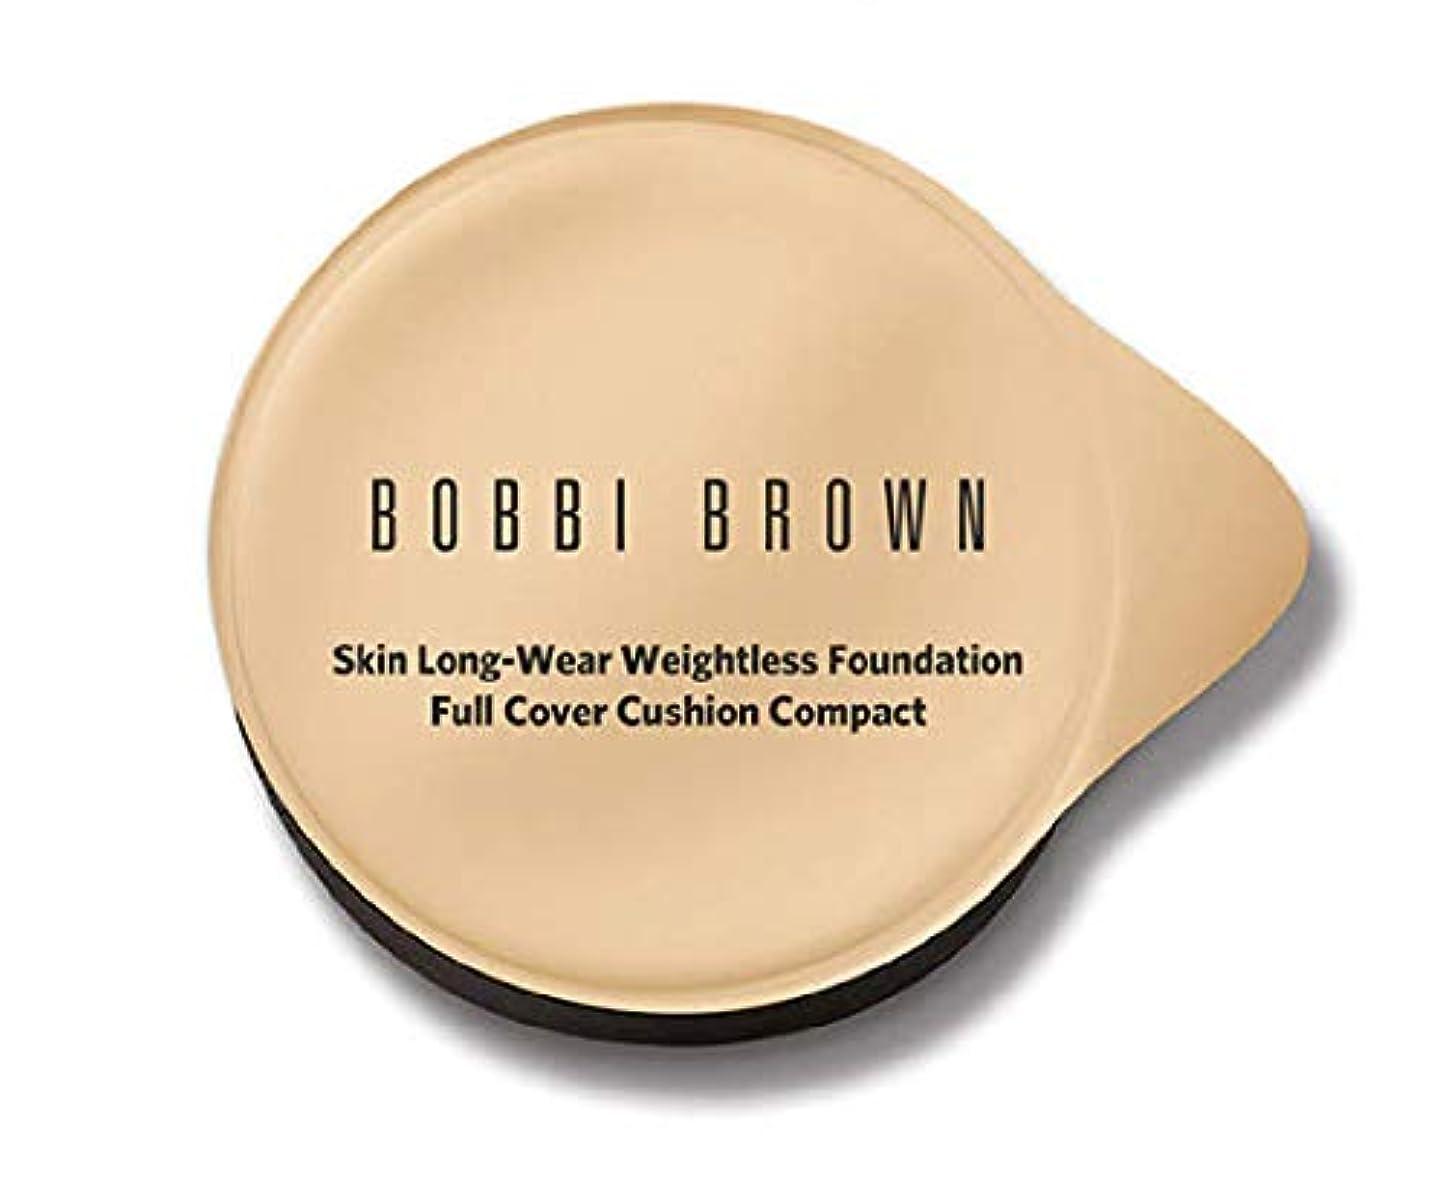 の間にリスナー中国ボビーブラウンスキンロングウェアウエストレスファンデーションフルカバークッションコンパクトレフィル(スポンジ付)5色展開 (ミディアム)